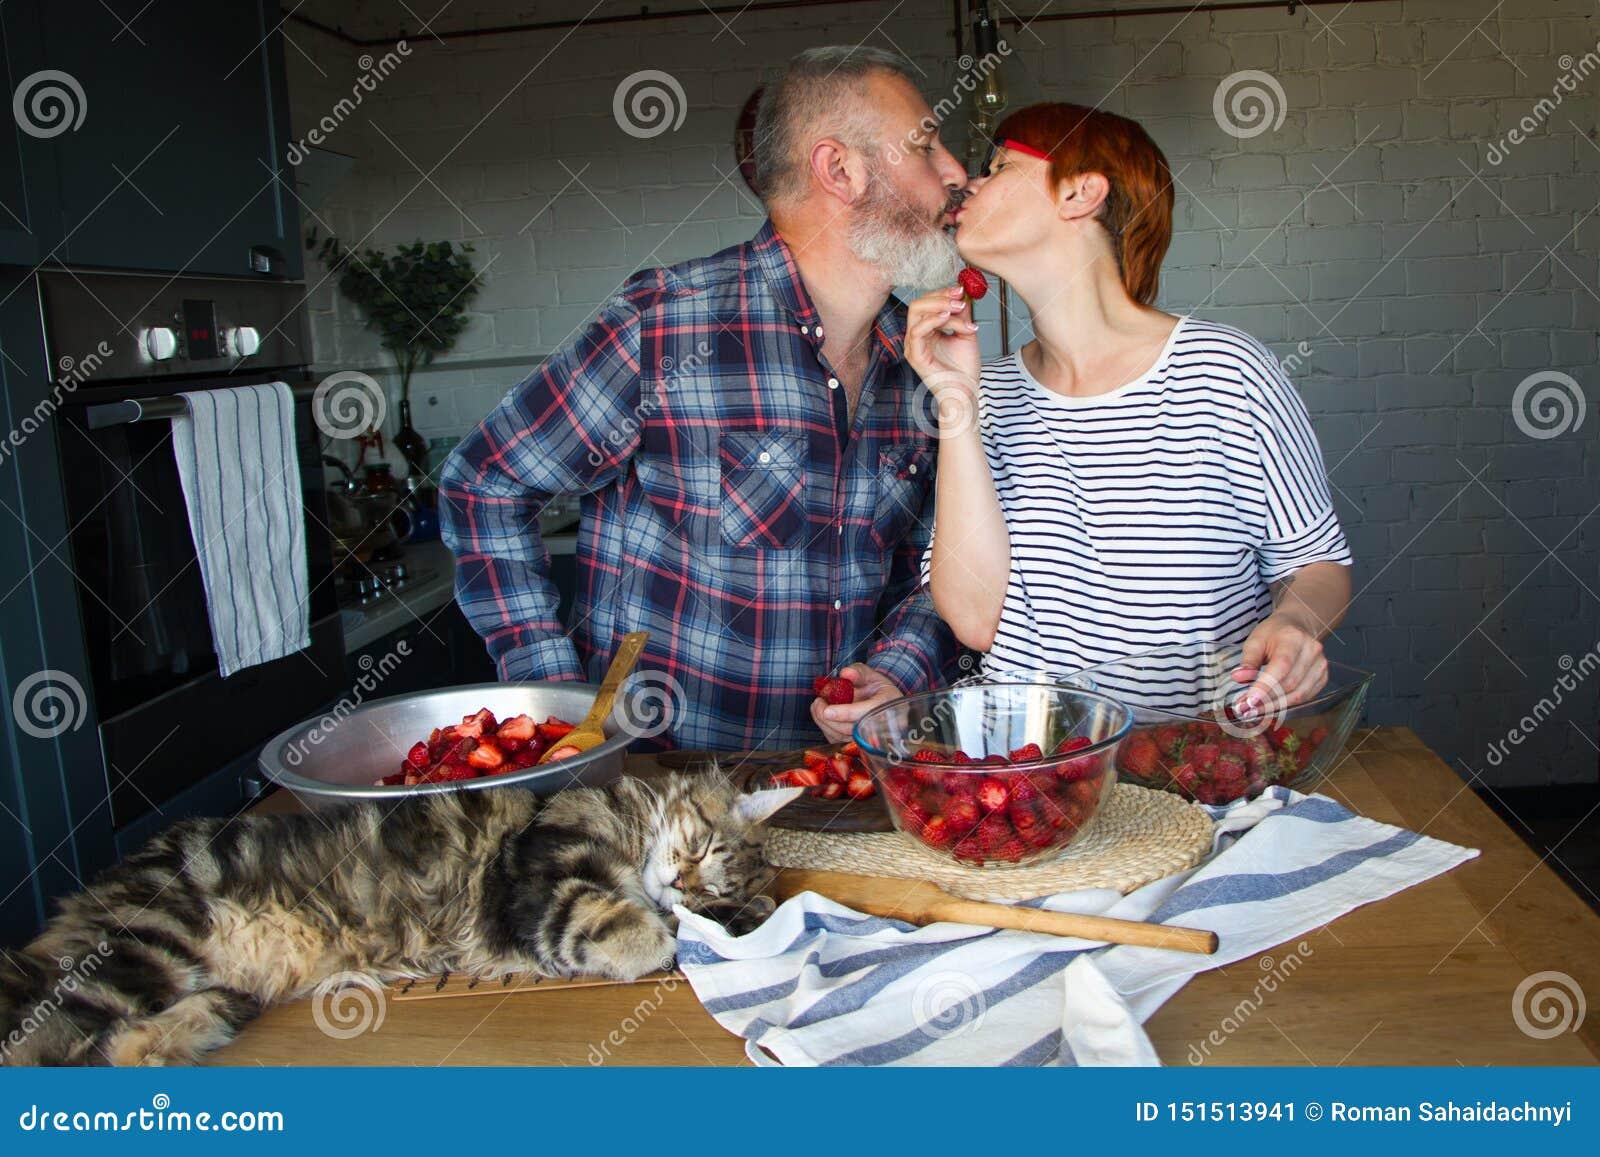 Erdbeeren erwachsener Paarmann und der Frauenschale und -schnittes für Erdbeermarmelade, ziehen sich, Spaß, Maine Coon zu lachen